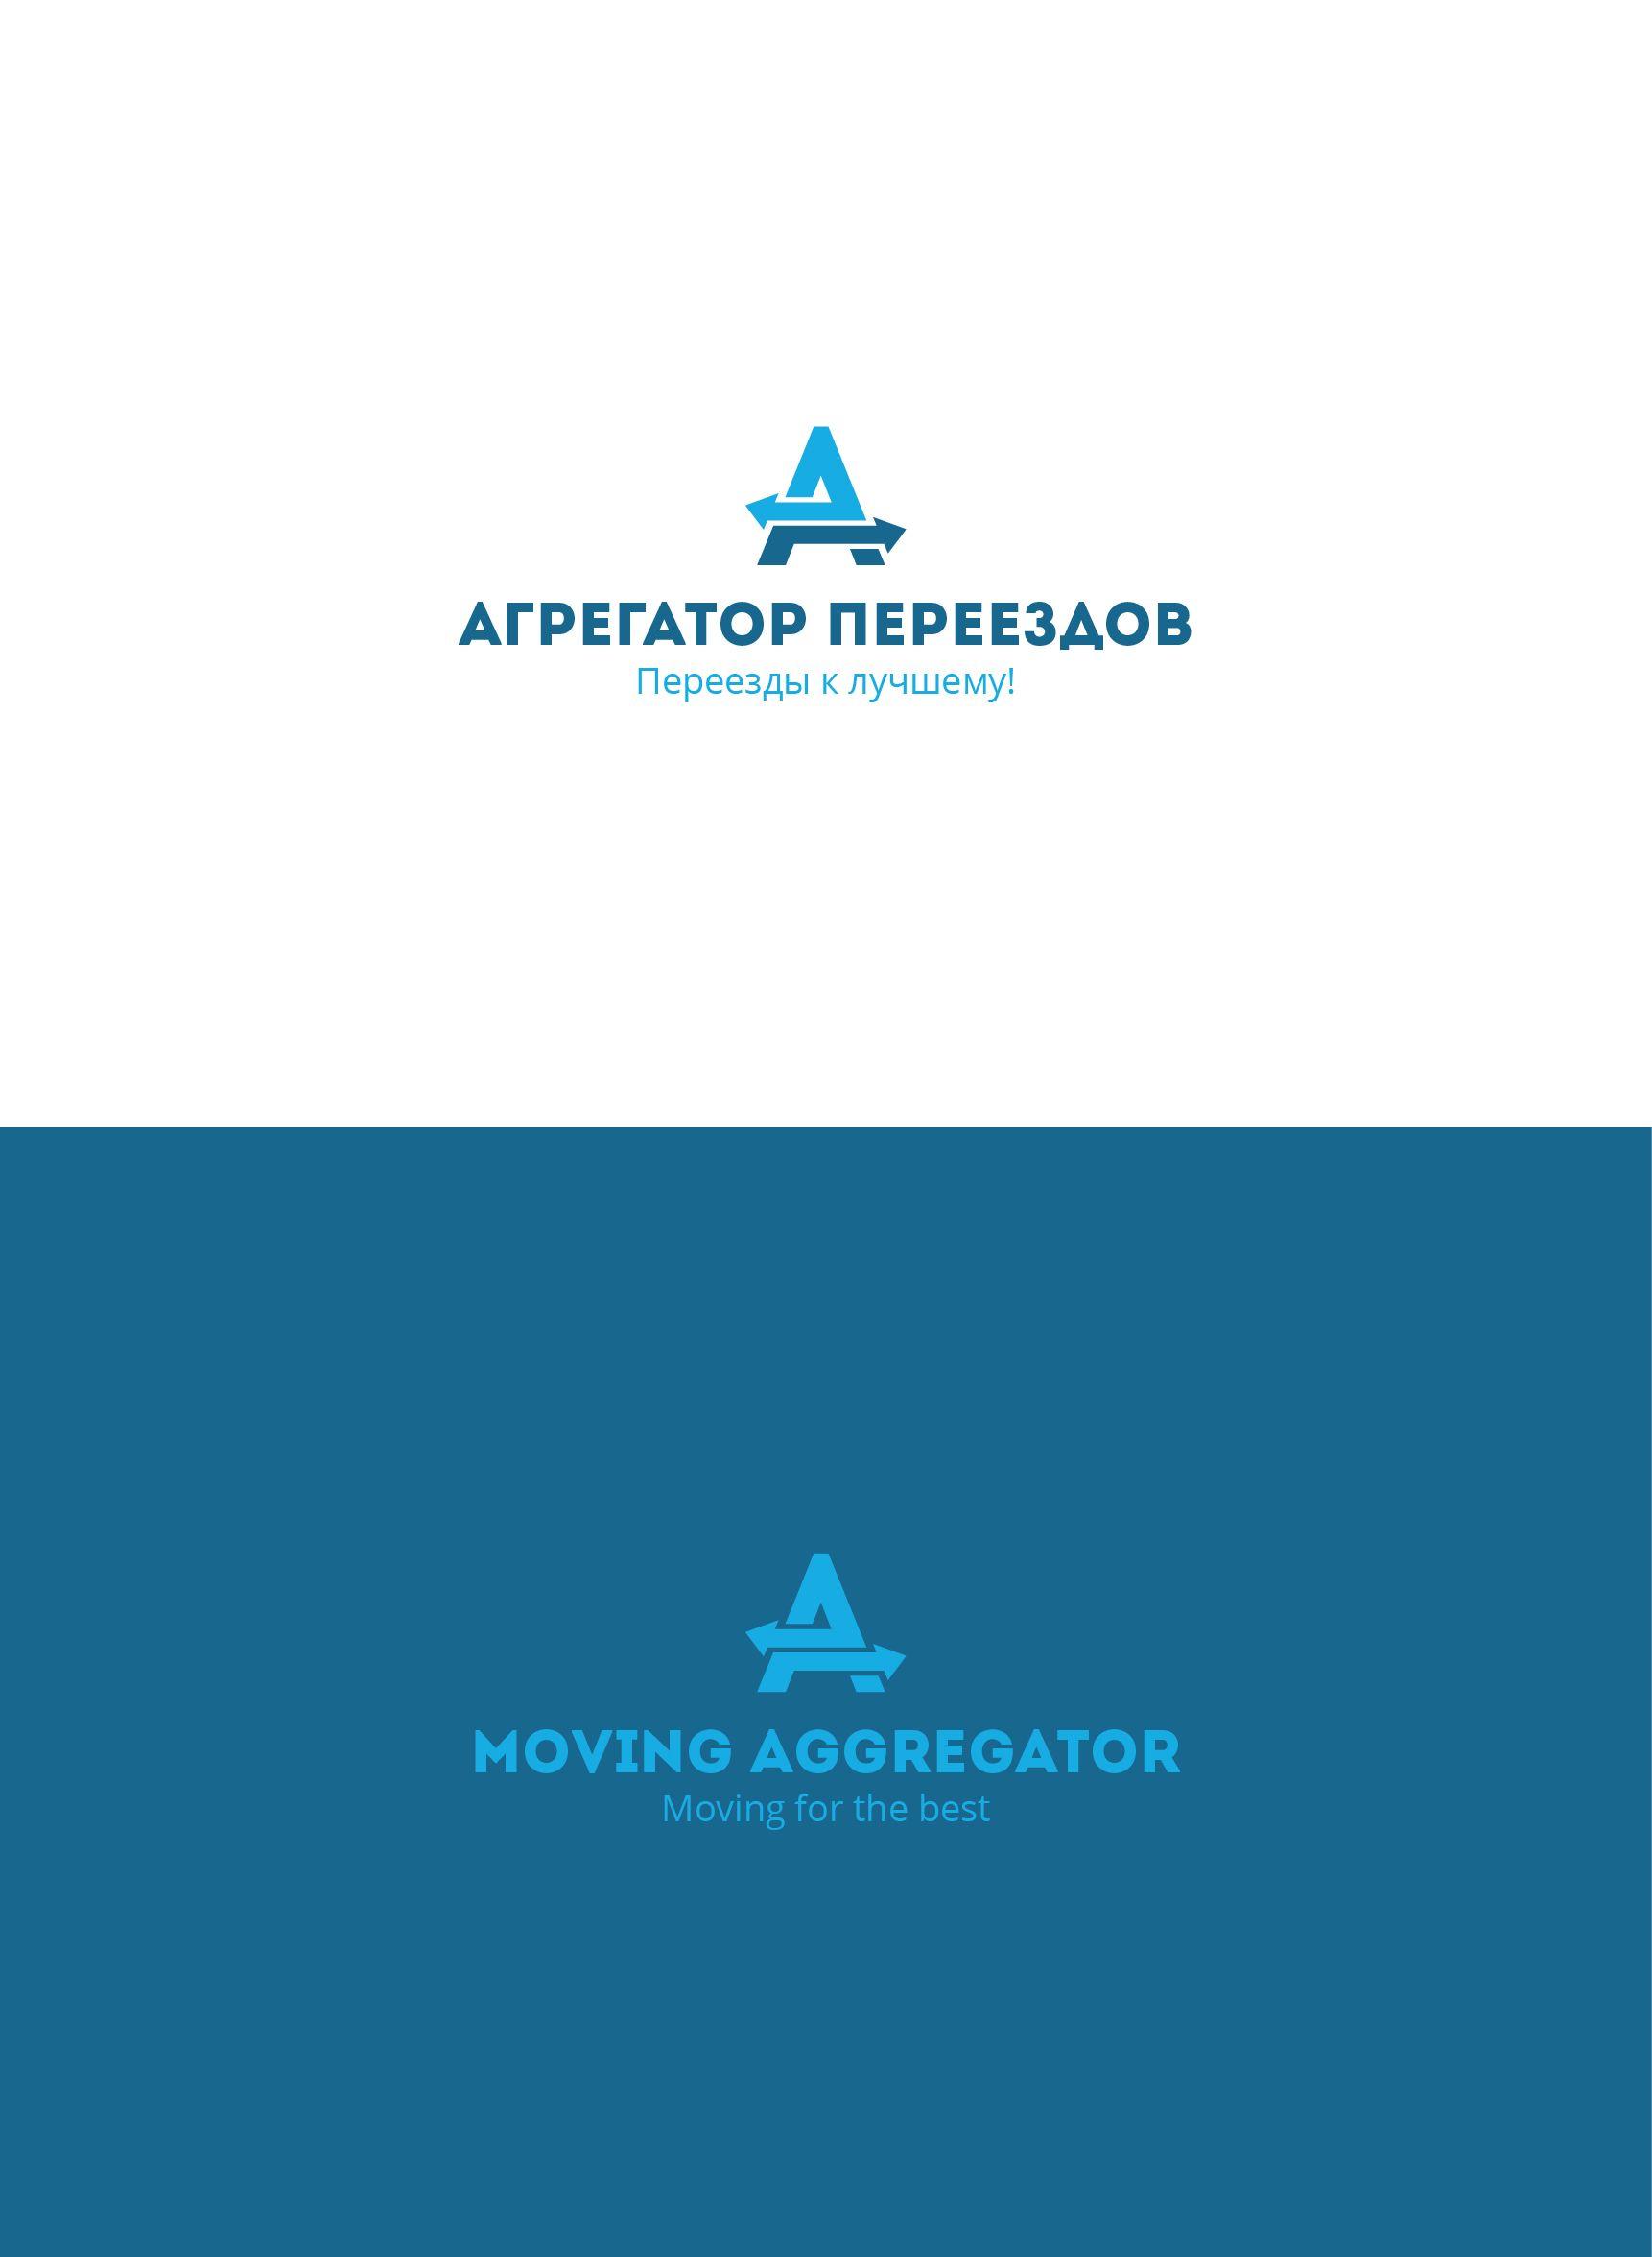 Логотип для компании Агрегатор переездов - дизайнер andyul